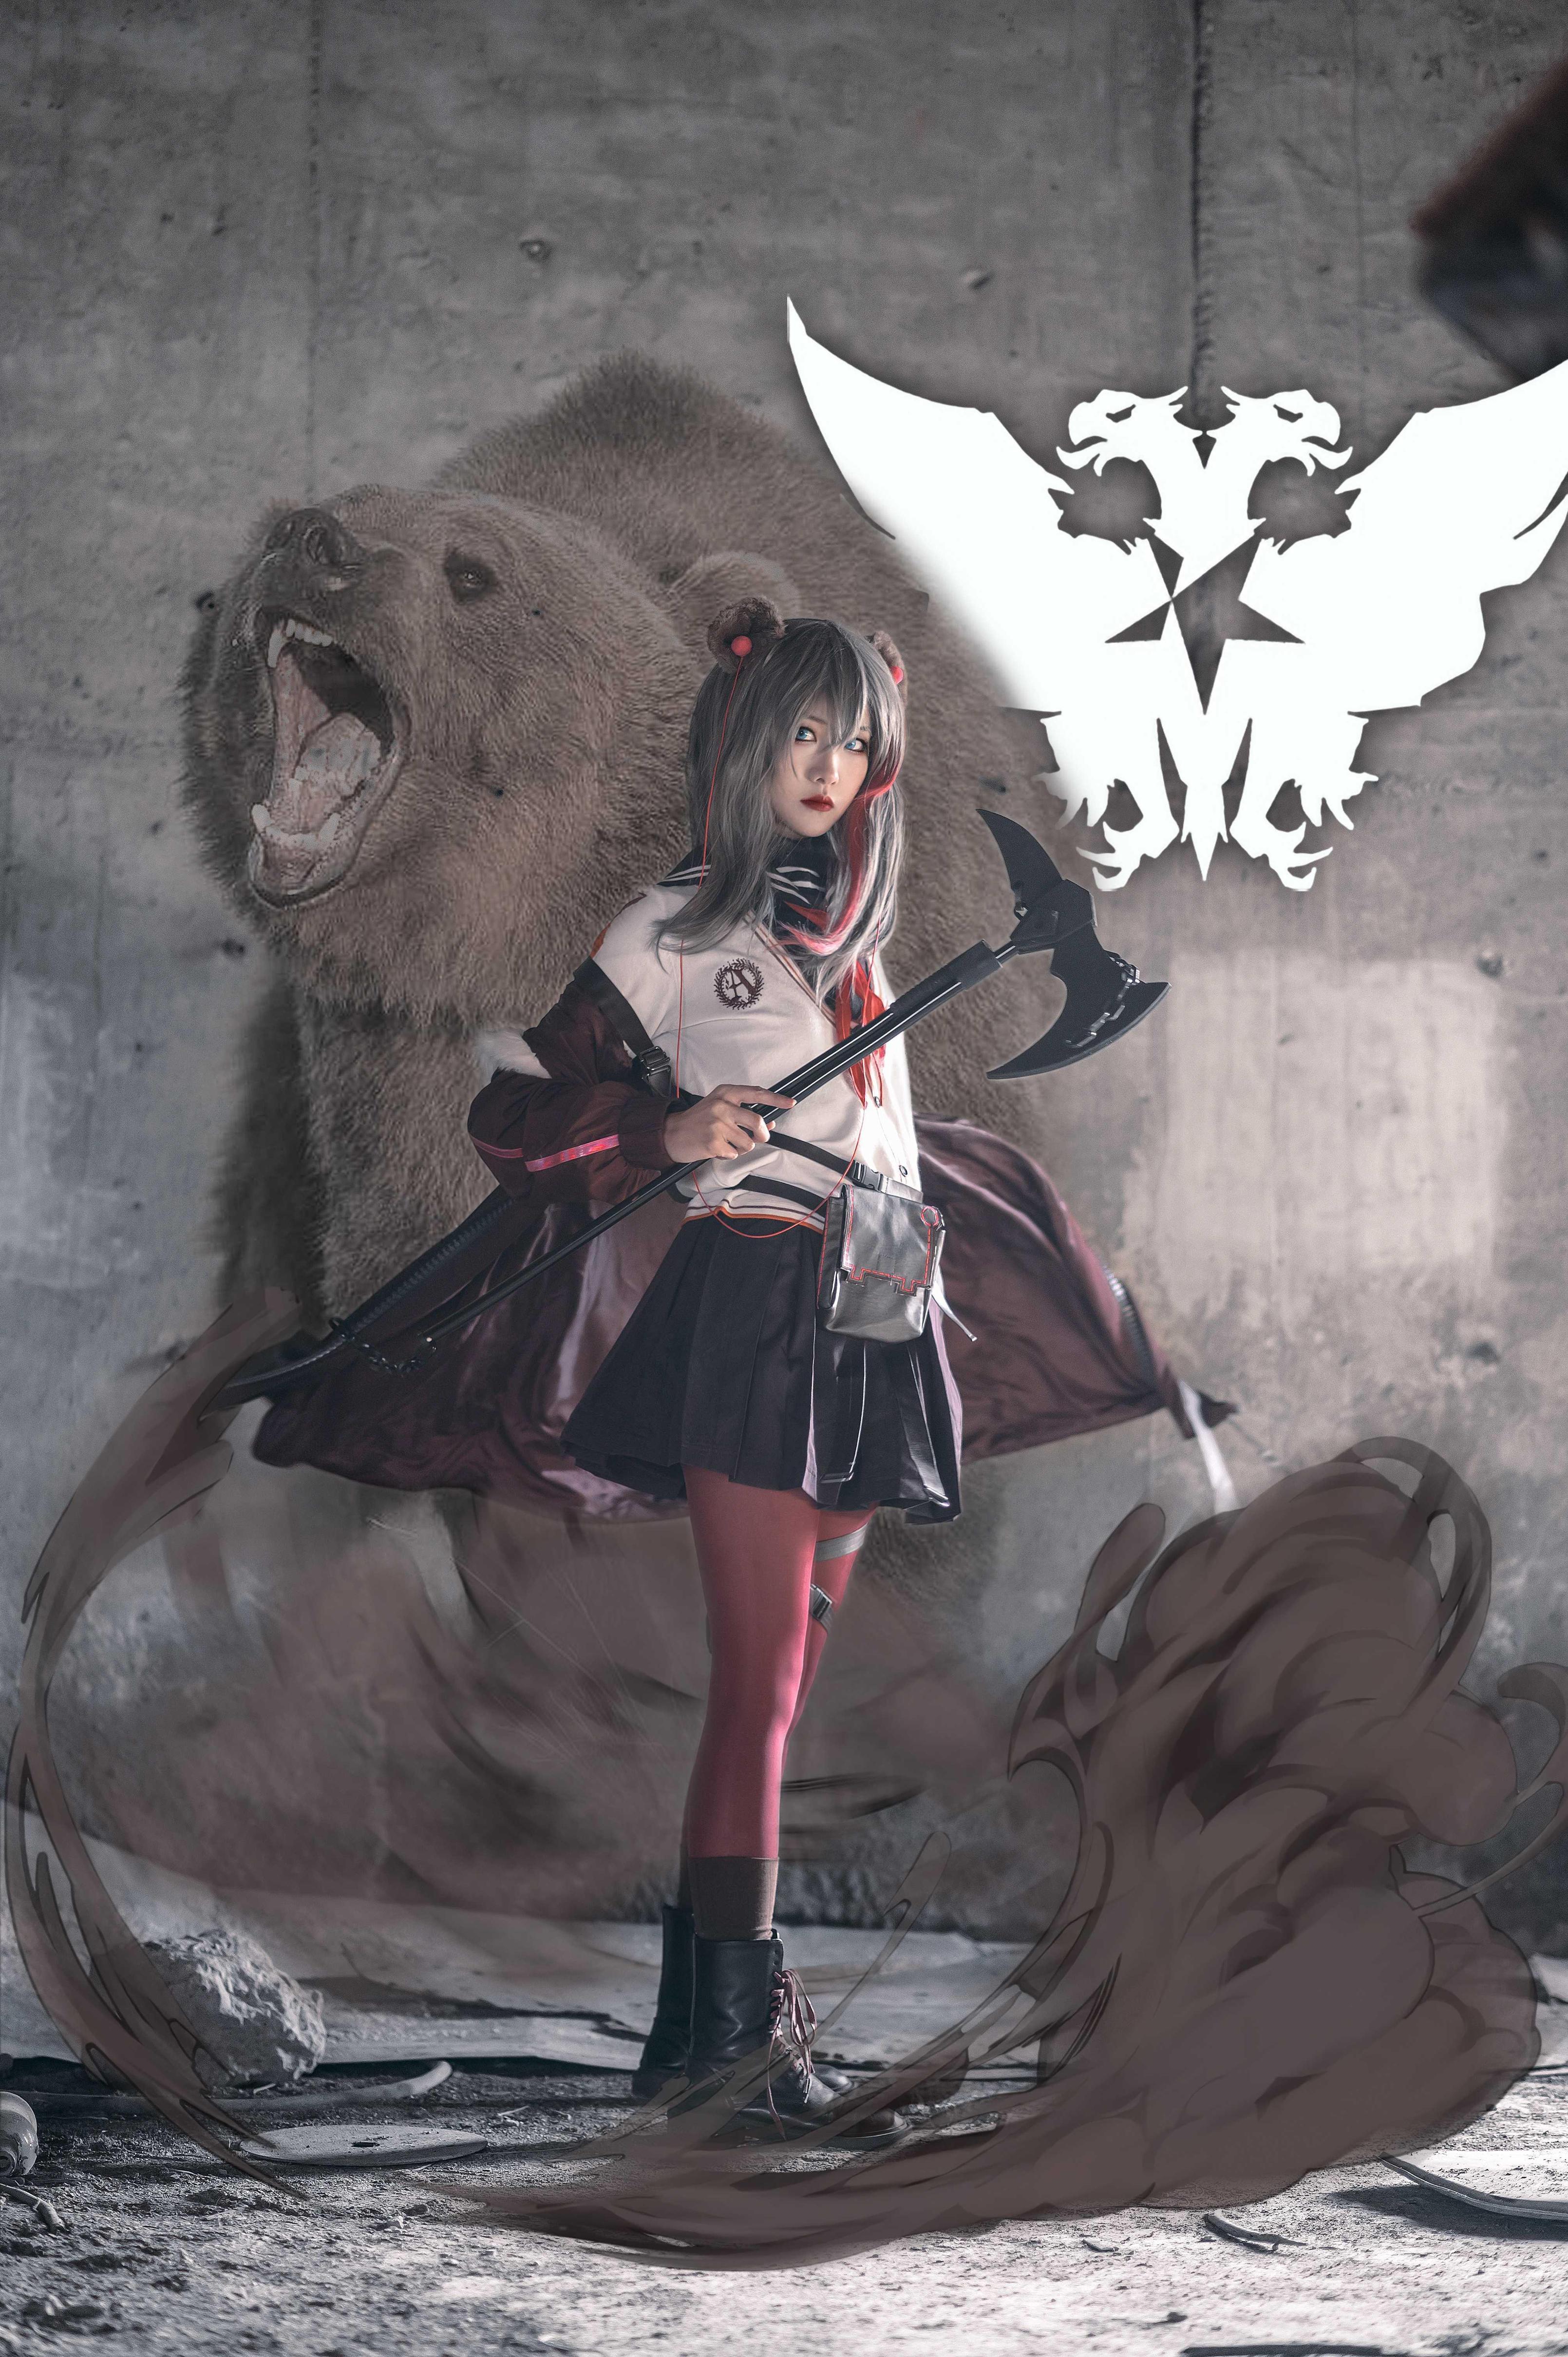 《明日方舟》正片cosplay【CN:小青姑娘闭关修炼中】-第5张